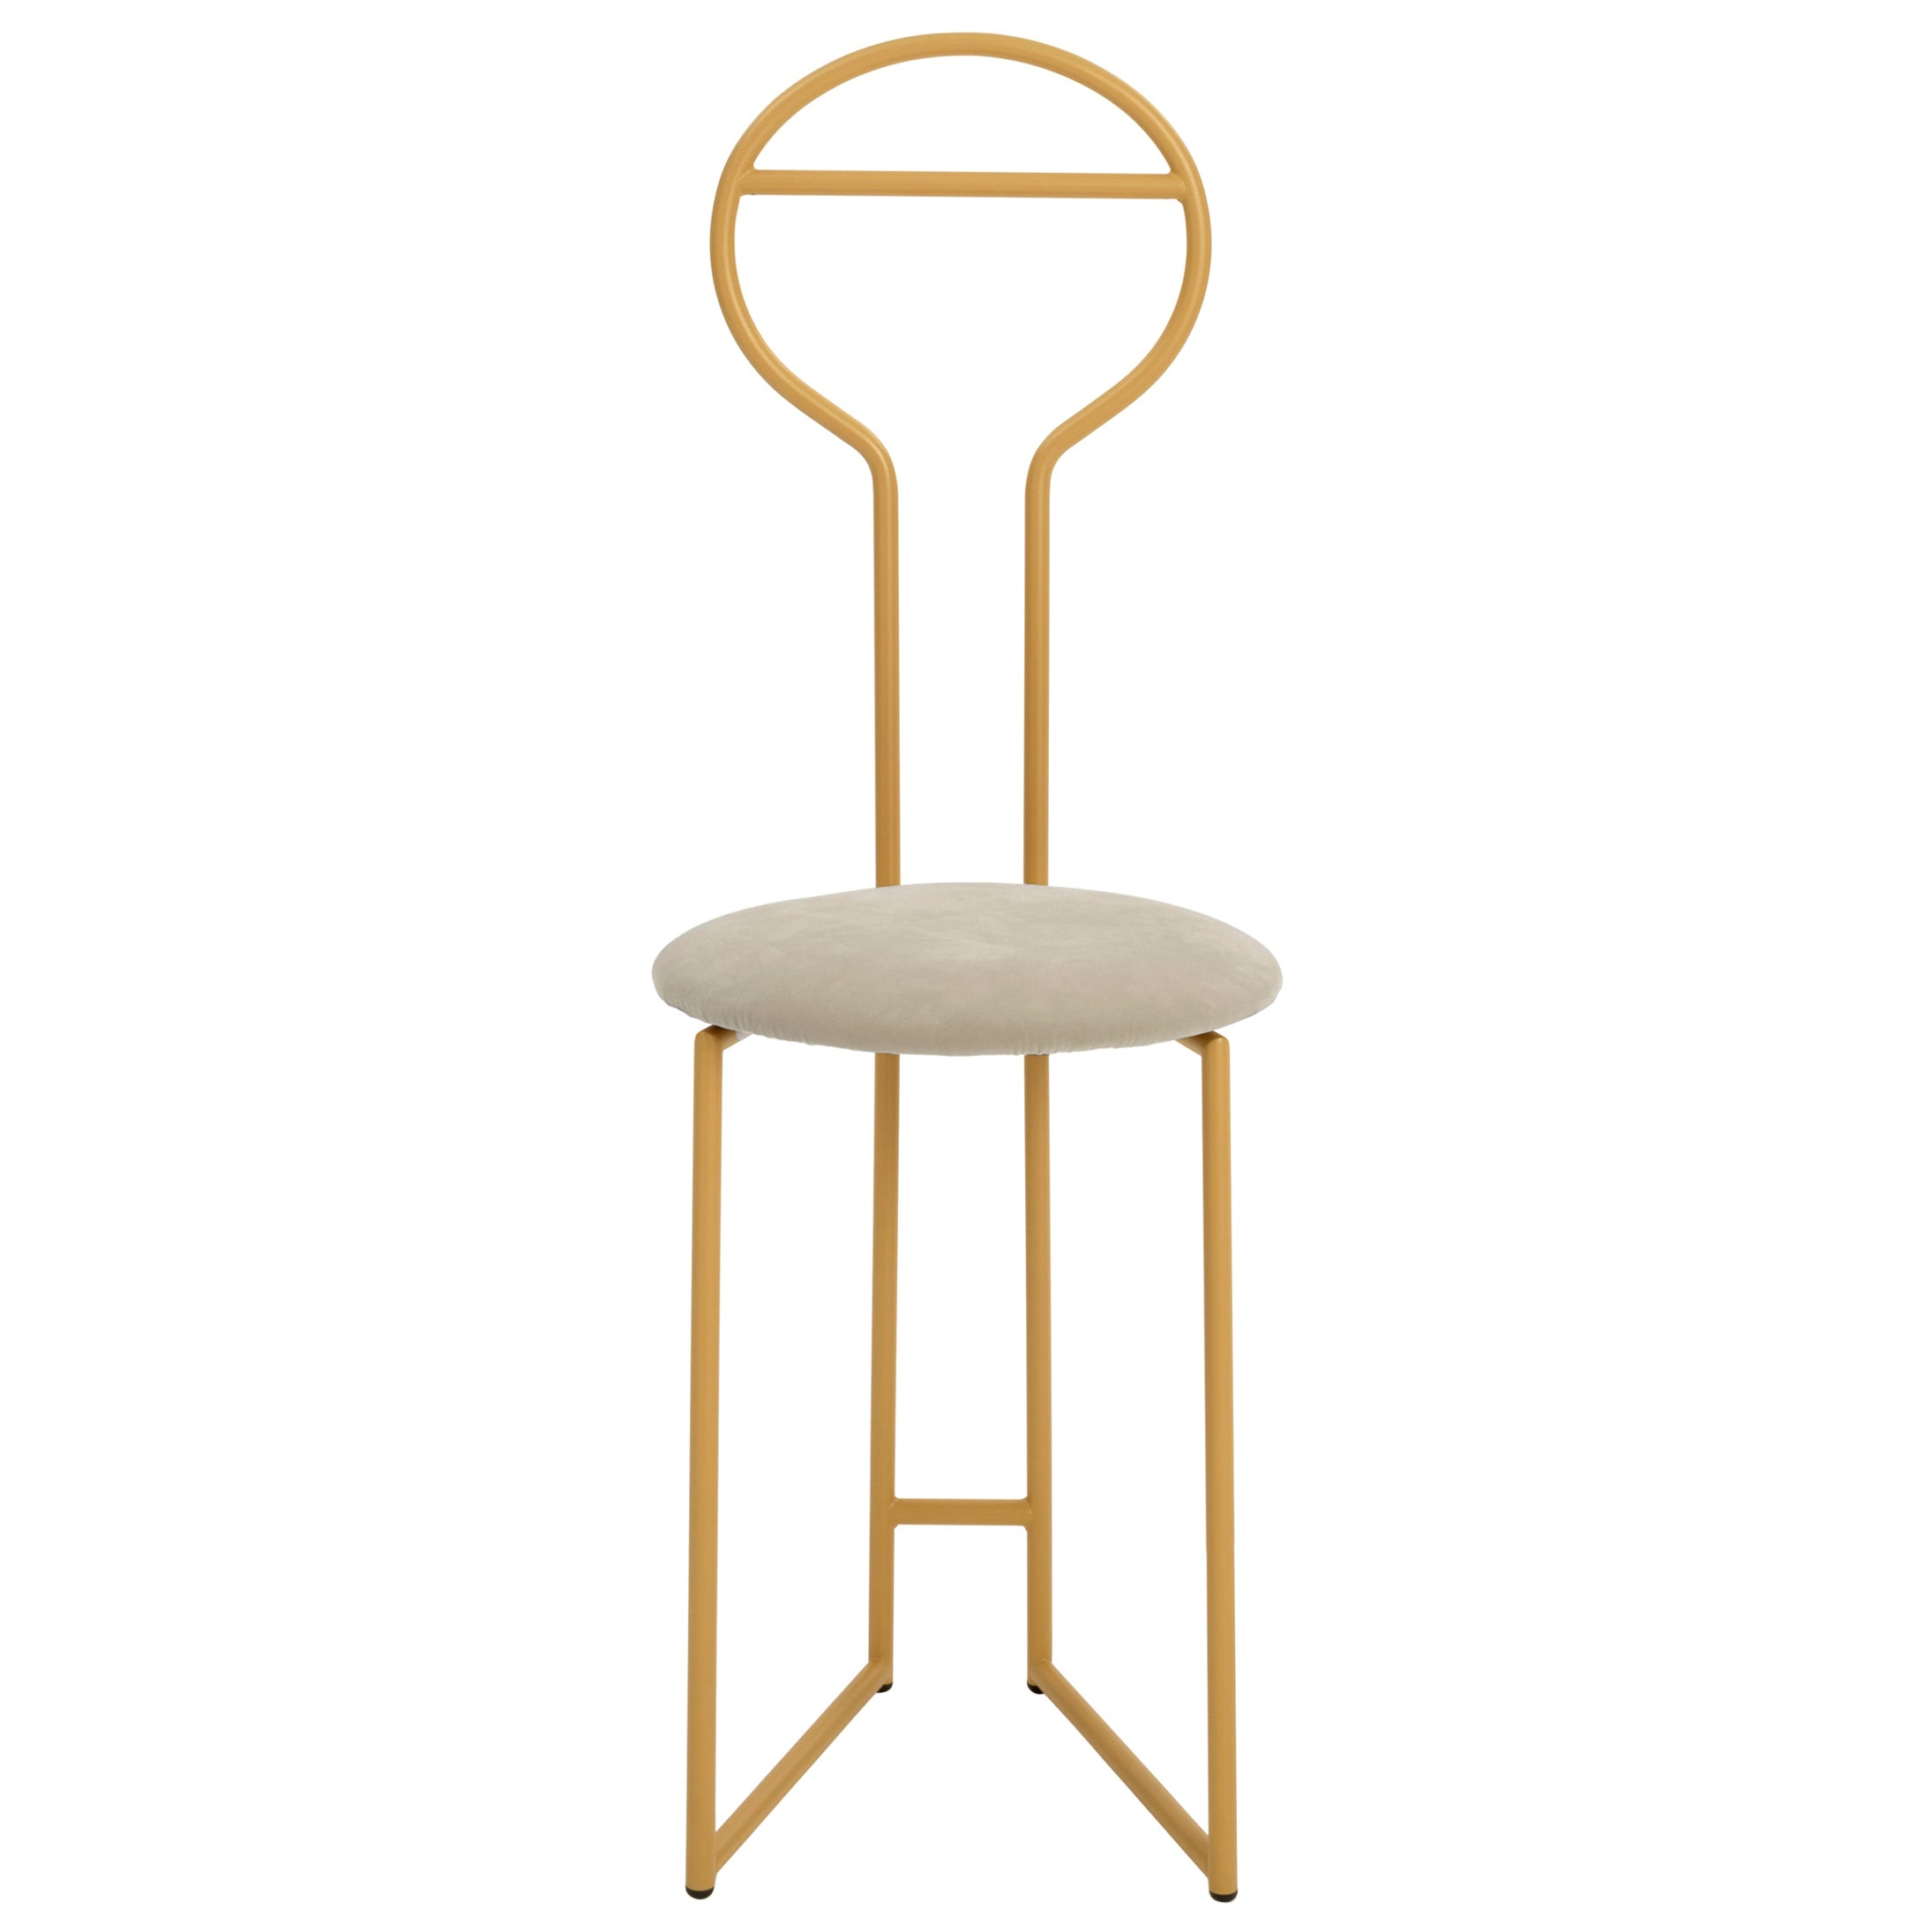 Joly Chairdrobe, High Back, Gold Structure, Malva Perl Gray Fine Italian Velvet